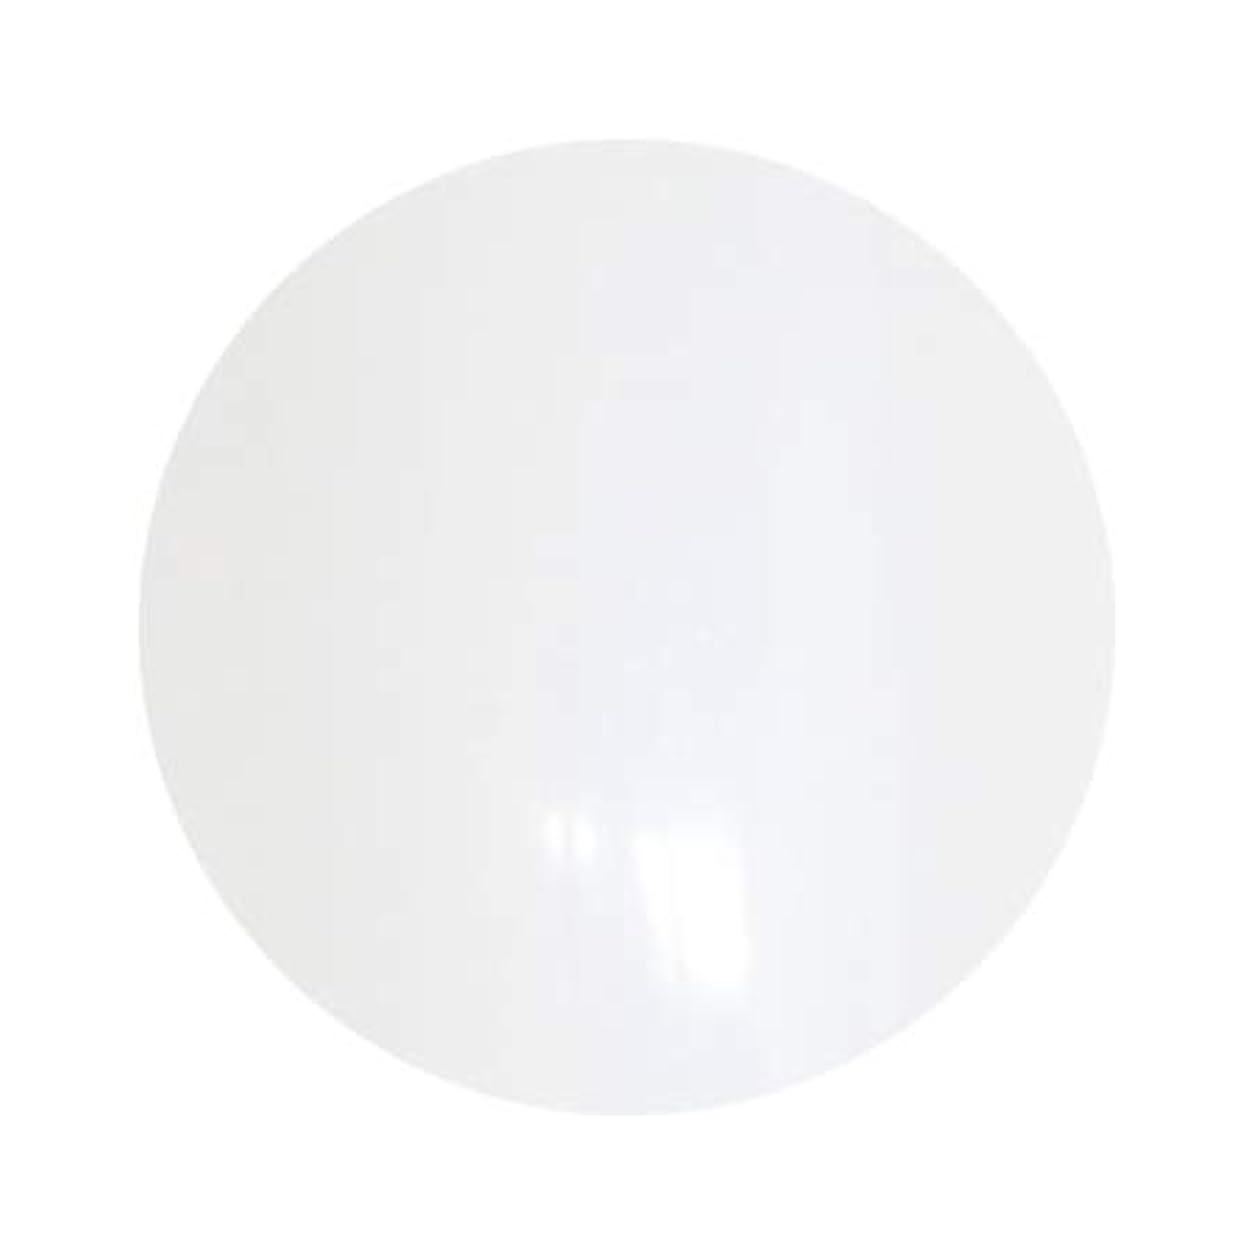 ホステス牛常習的LUCU GEL ルクジェル カラー WHP06 ムーンストーン 3.5g